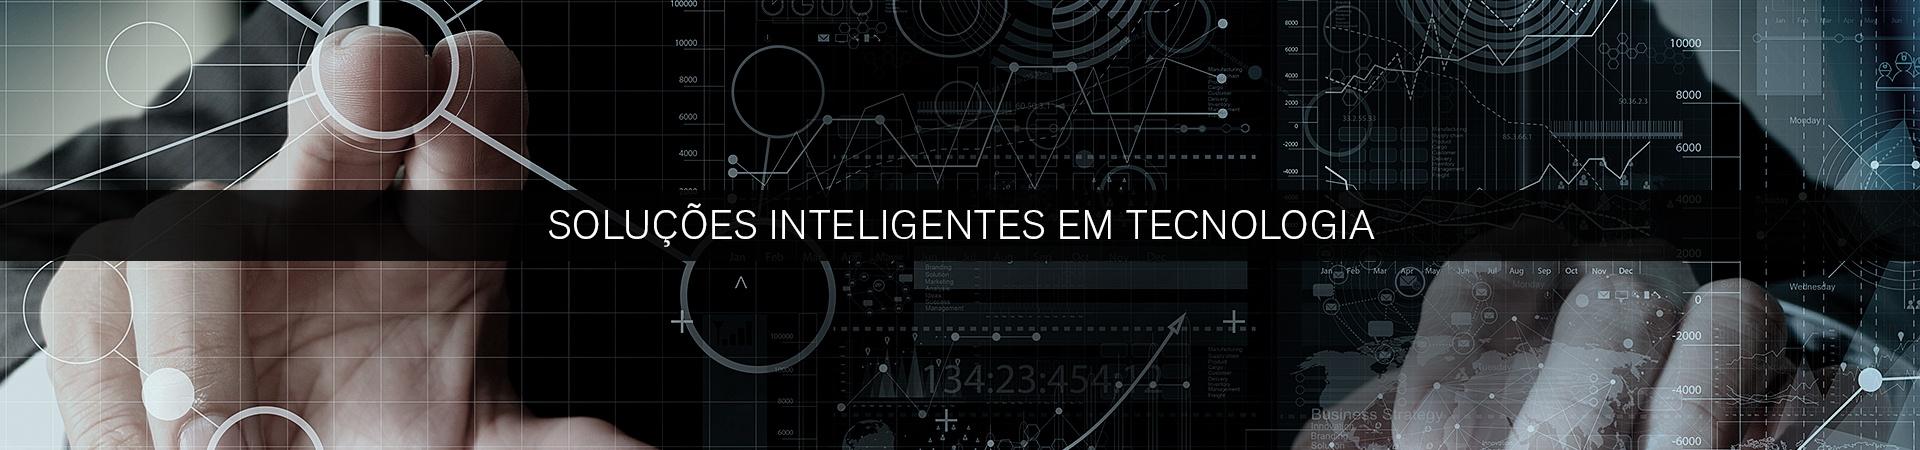 Banner – Soluções Inteligentes em Tecnologia